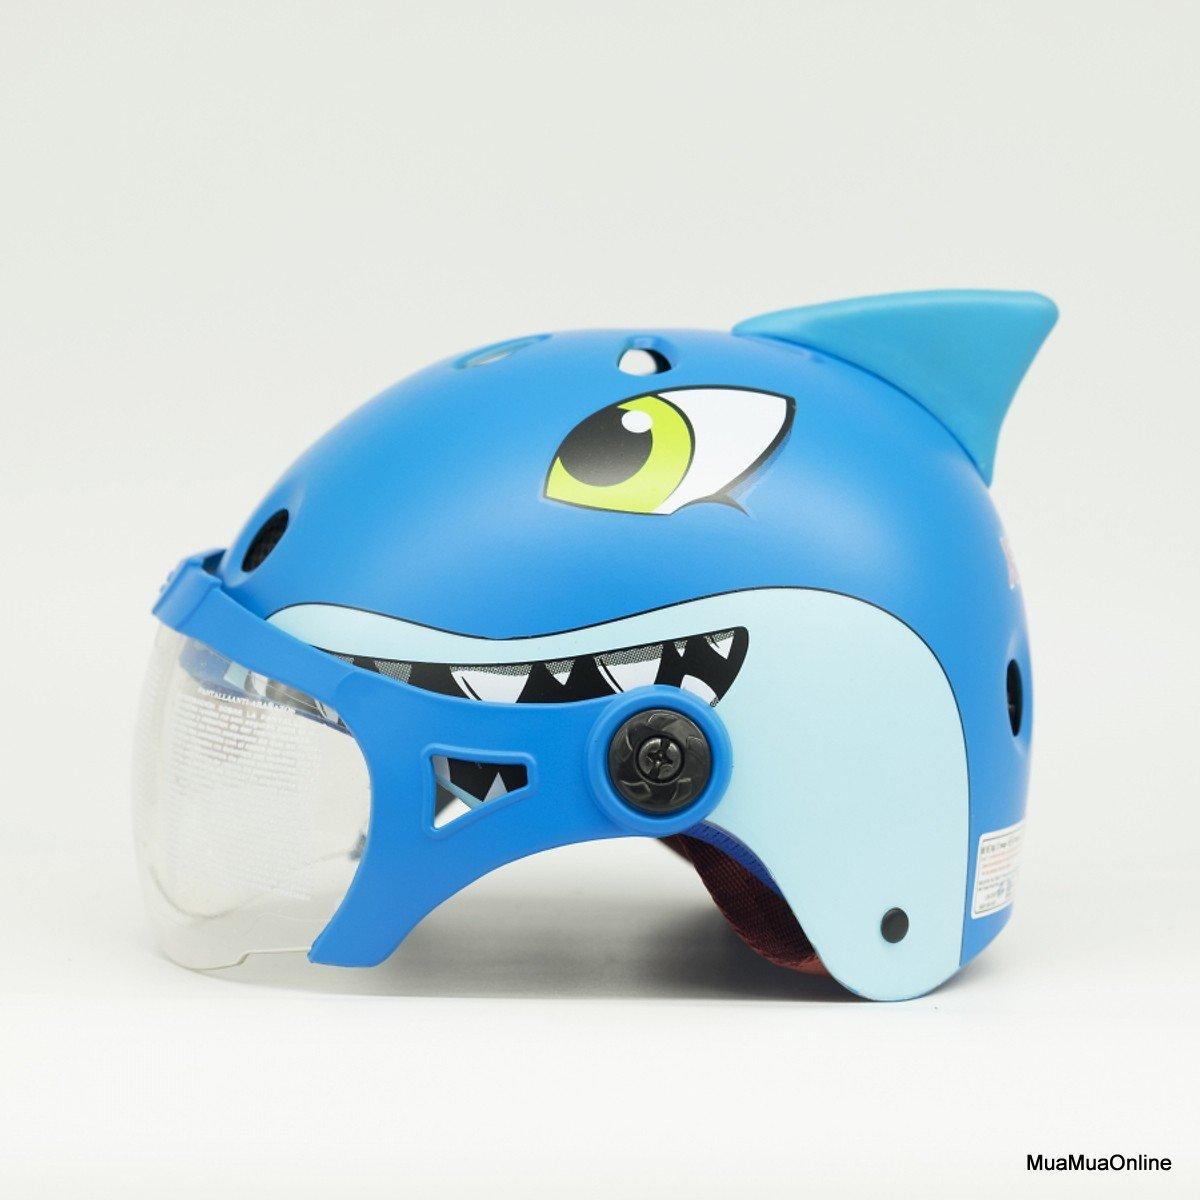 Giá bán Nón Bảo Hiểm Trẻ Em Có Kính Hình Cá Mập